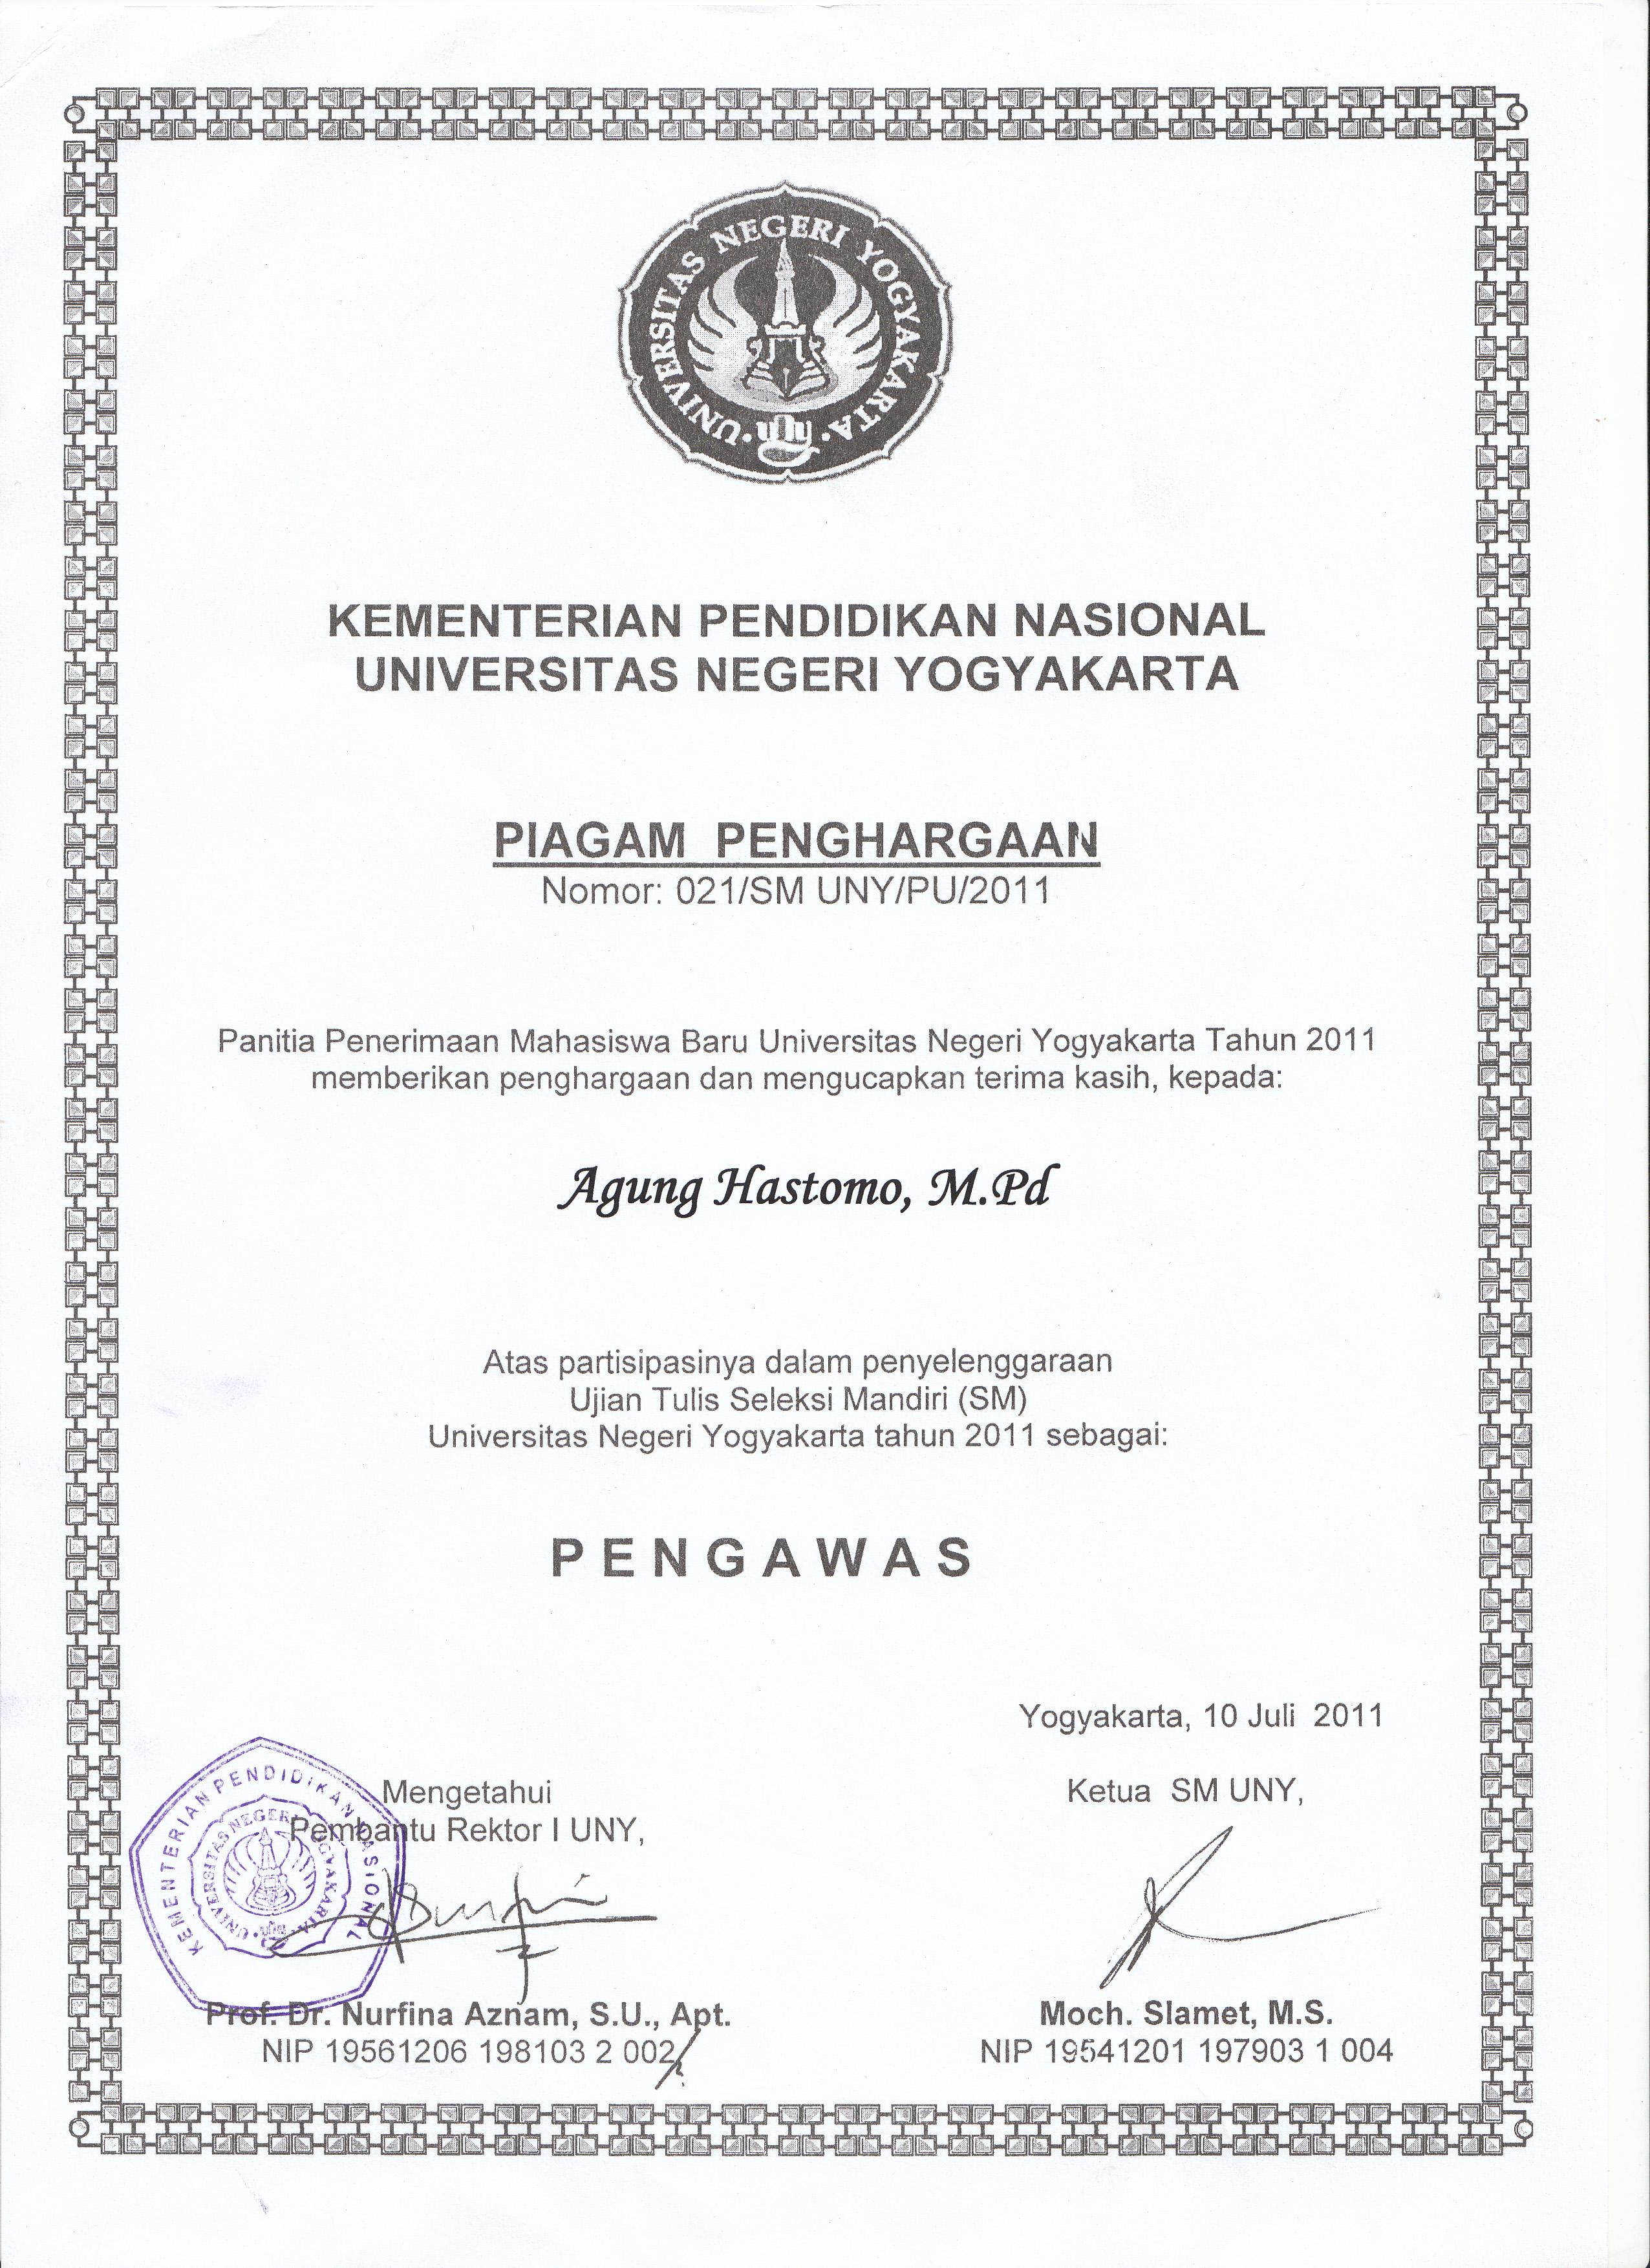 ... penghargaan bingkai border piagam vector sertifikat piagam download